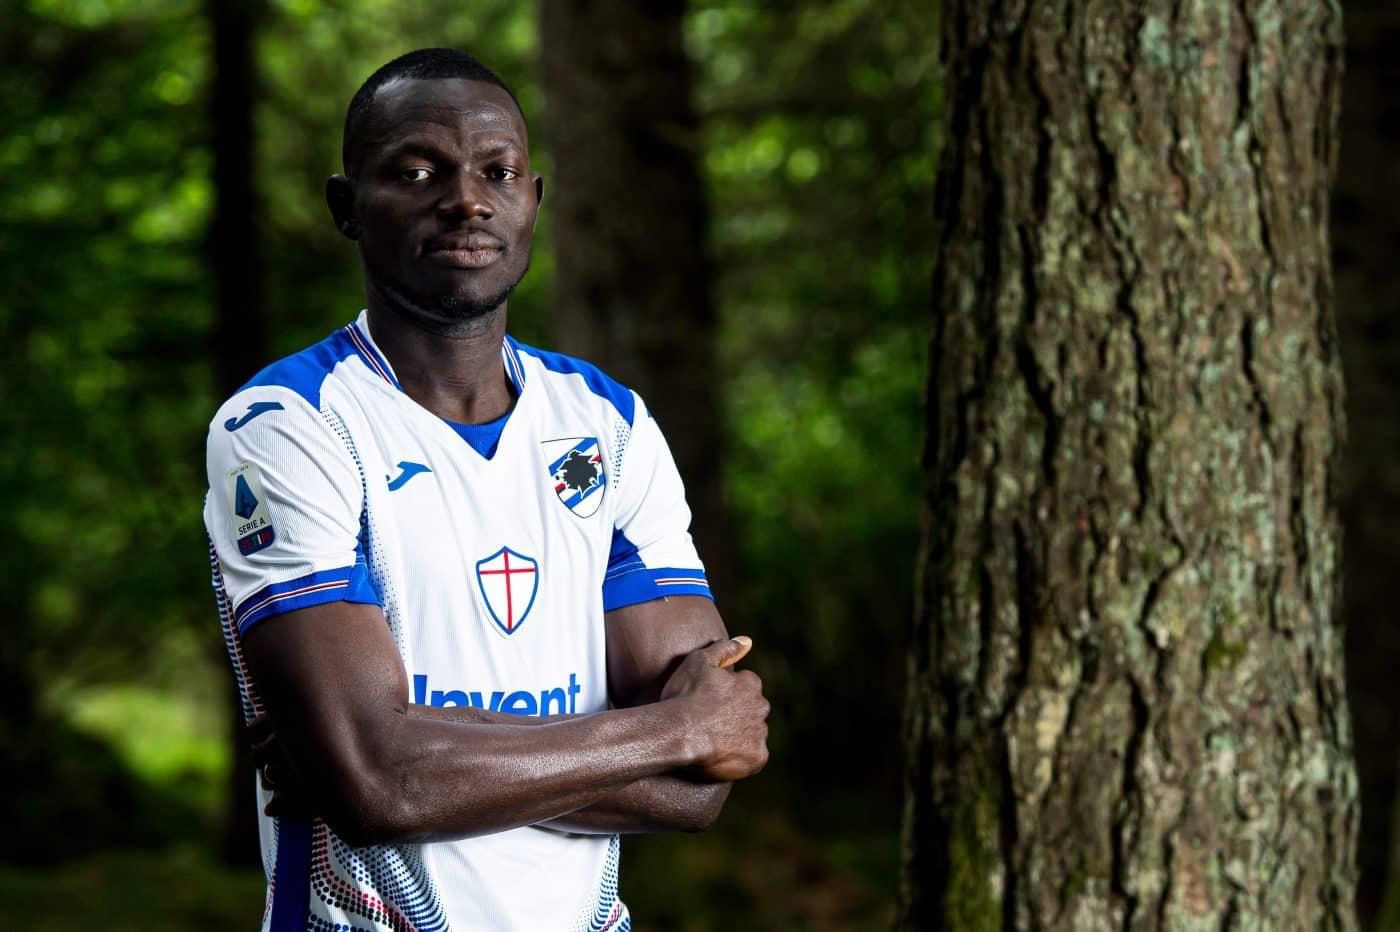 maillot-exterieur-sampdoria-genes-2019-2020-joma-1